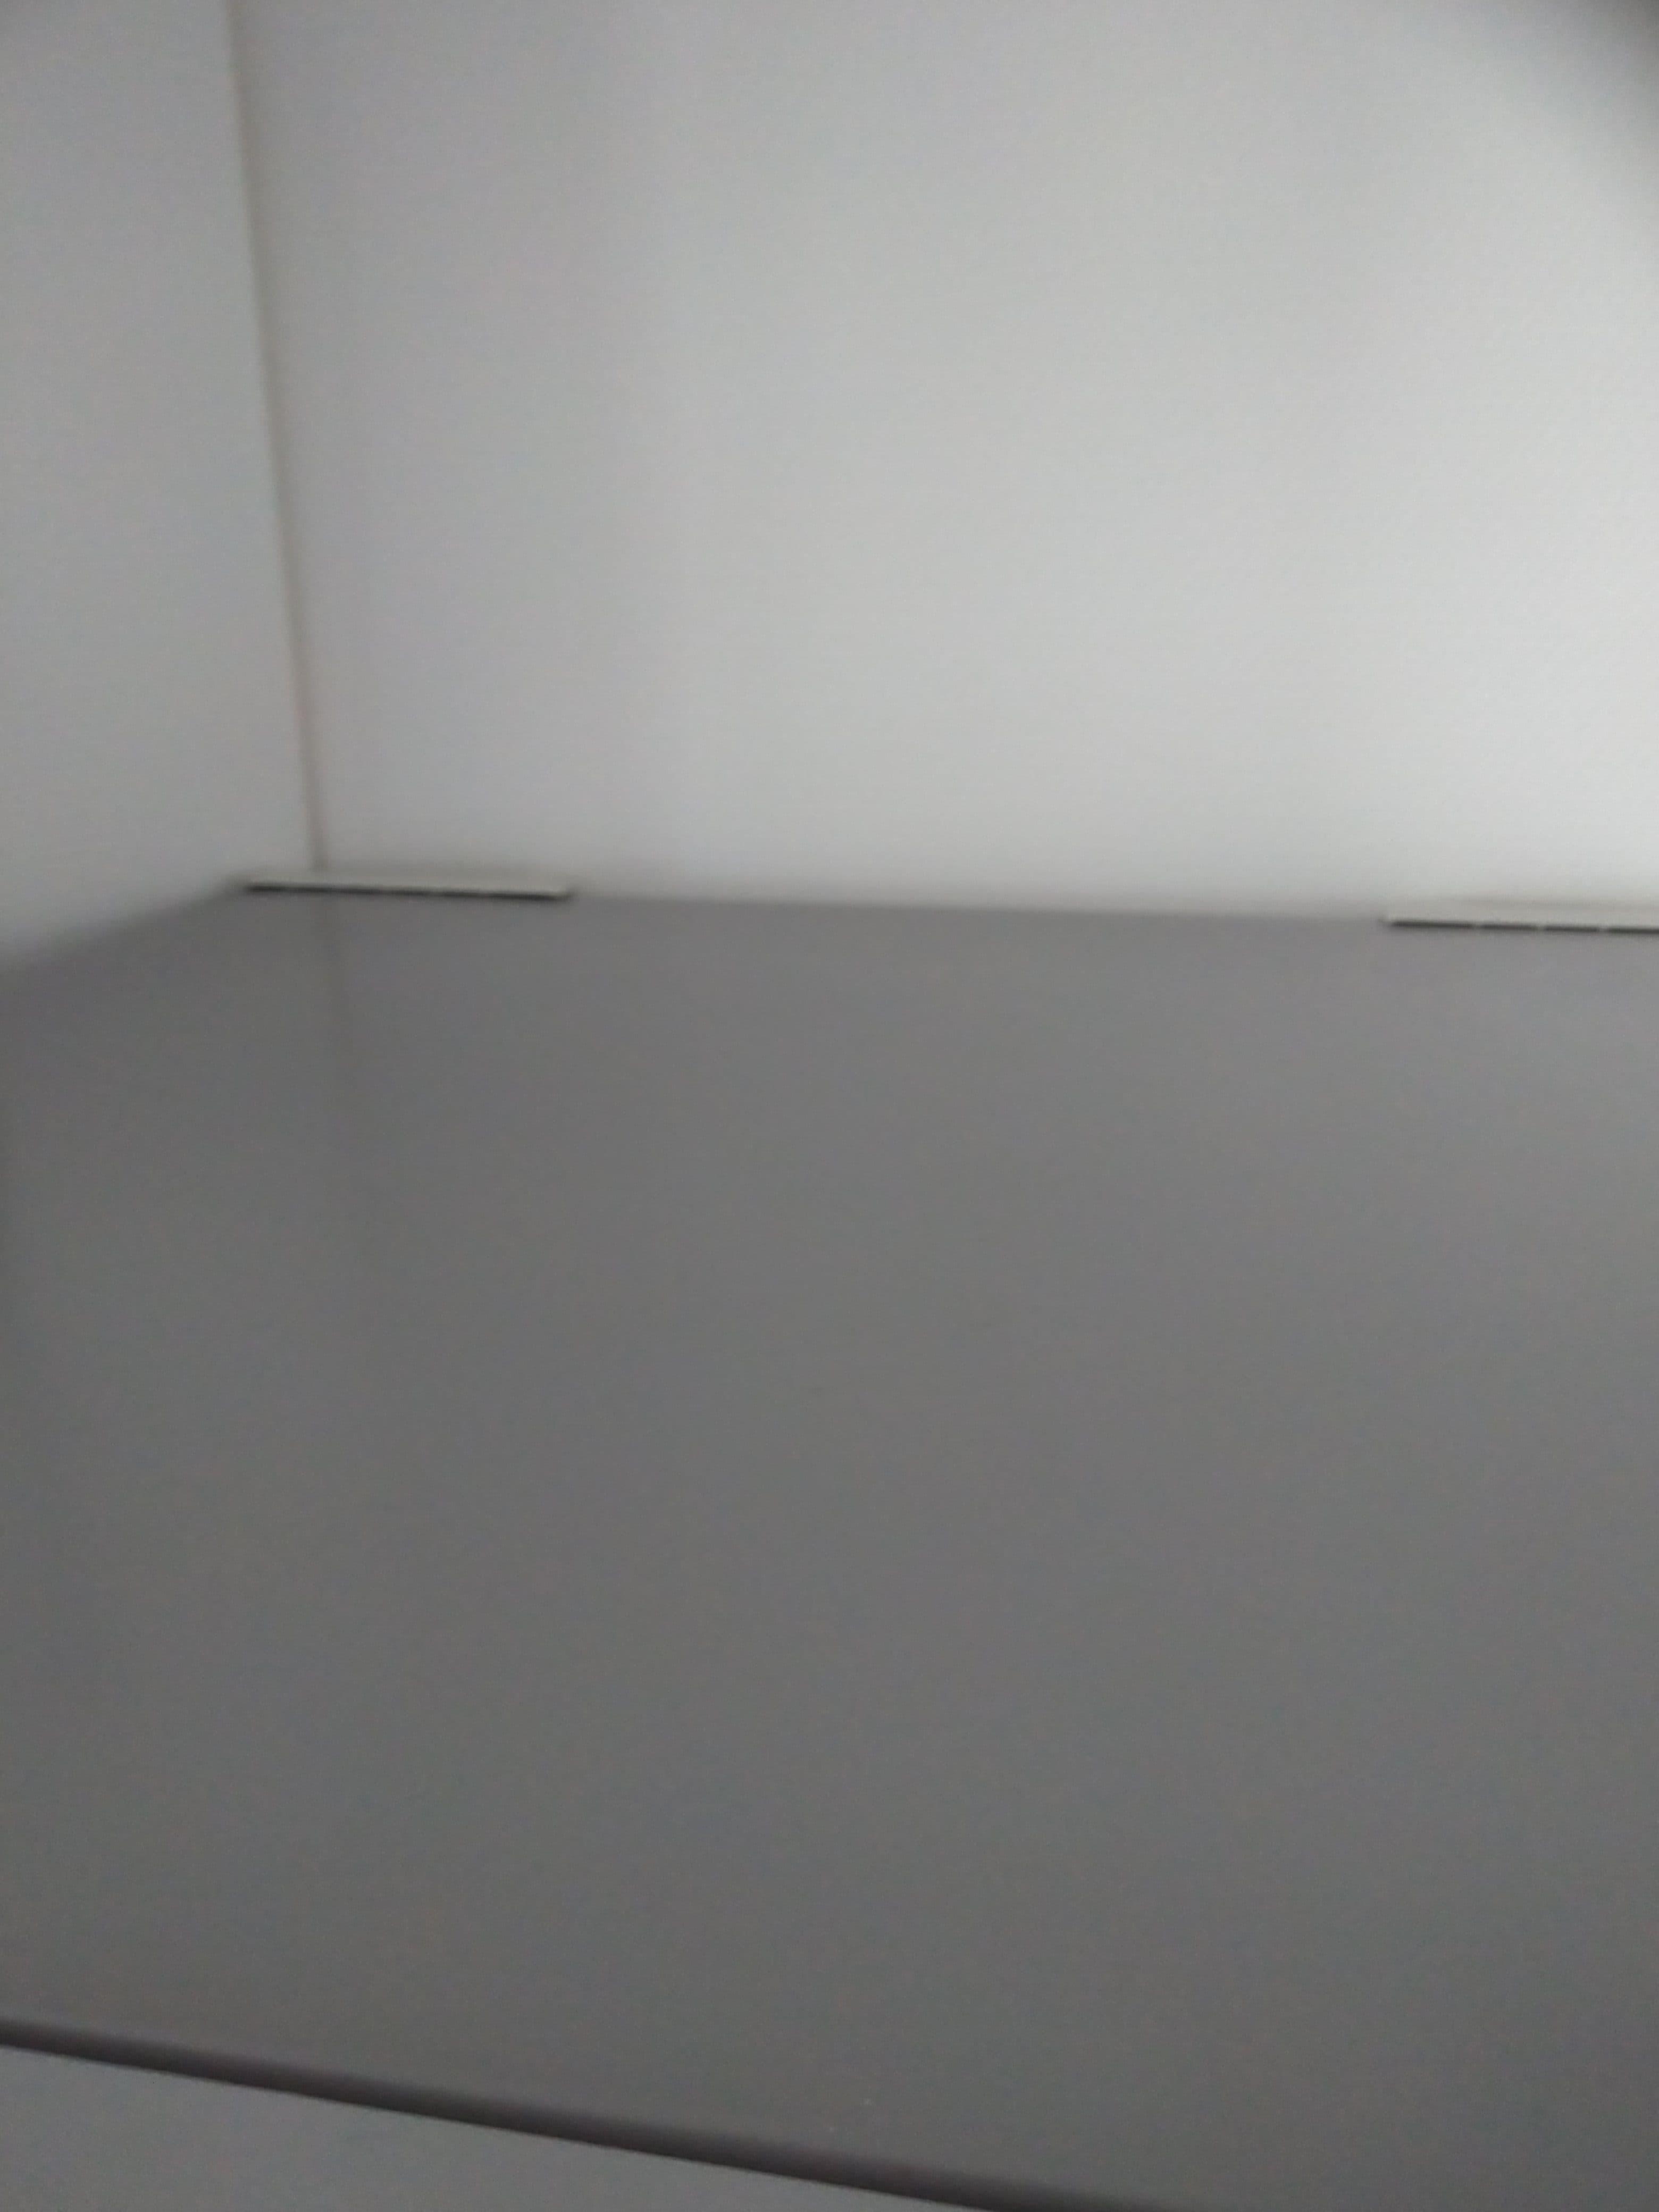 家政婦 家事代行サービス | 大阪府大阪市北区-清掃・ハウスクリーニング2か月5日ご利用のお客様